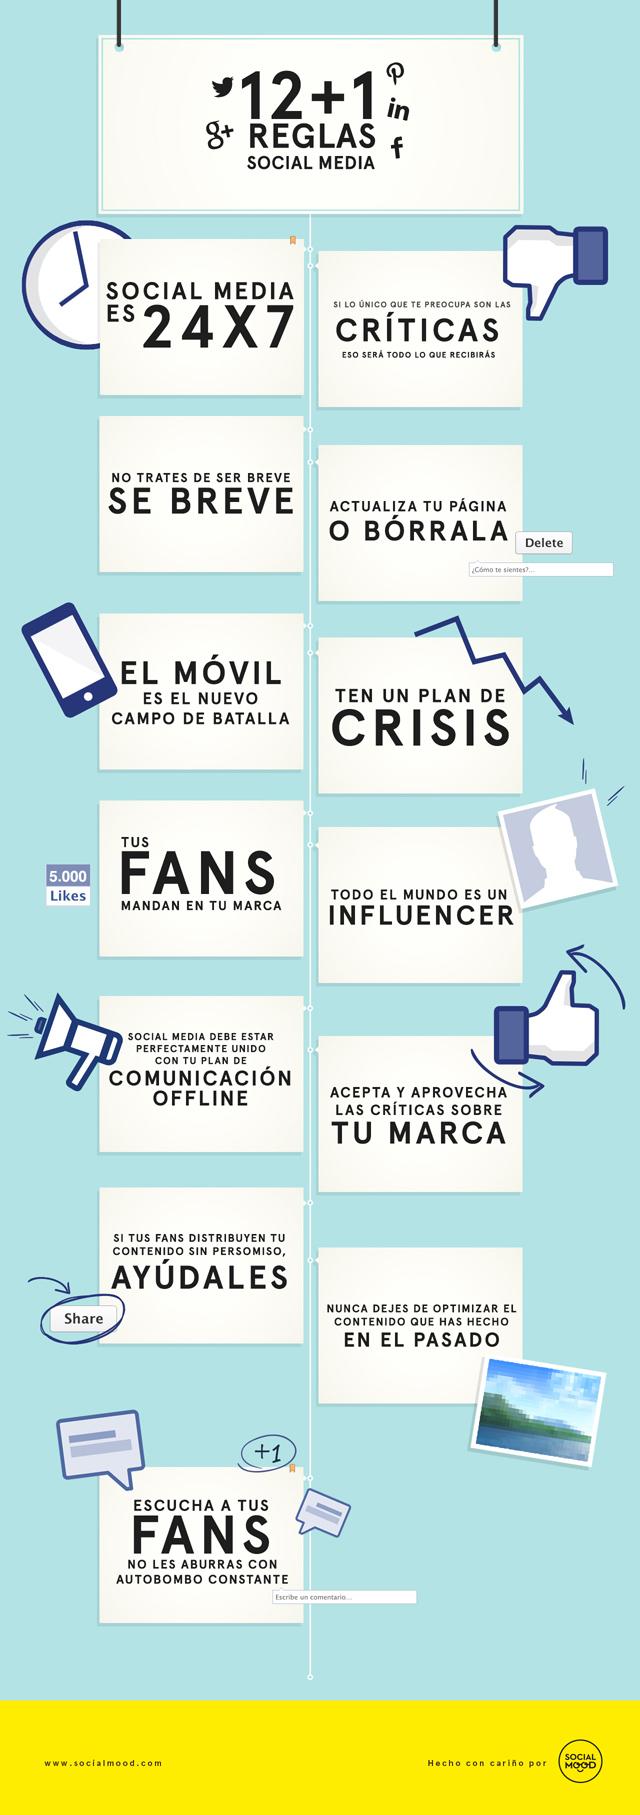 Las 12+1 reglas del Social Media